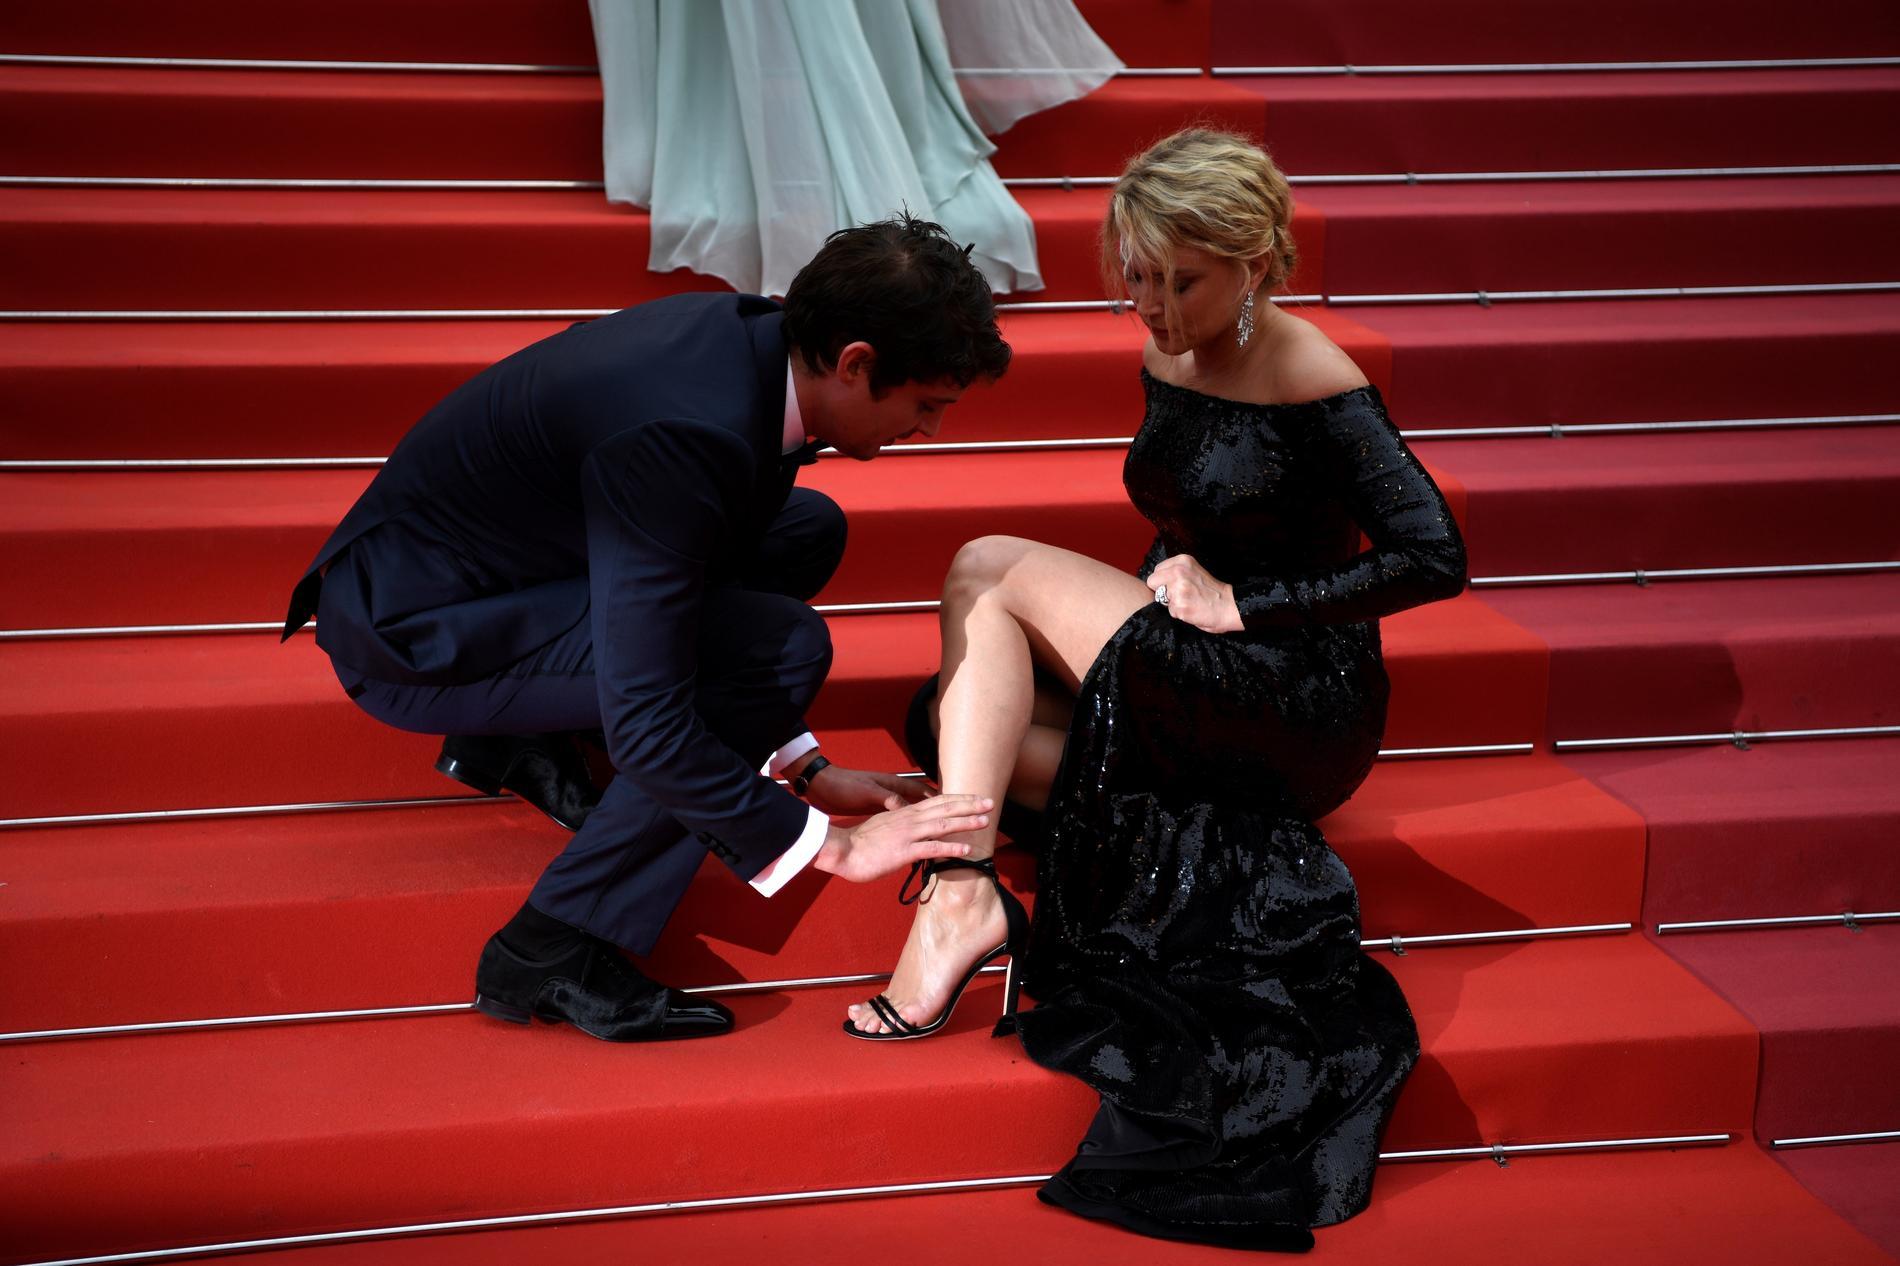 Virginie Efira Et Niels Schneider Un Couple Qui Se Cherche Sur Les Marches De Cannes Madame Figaro